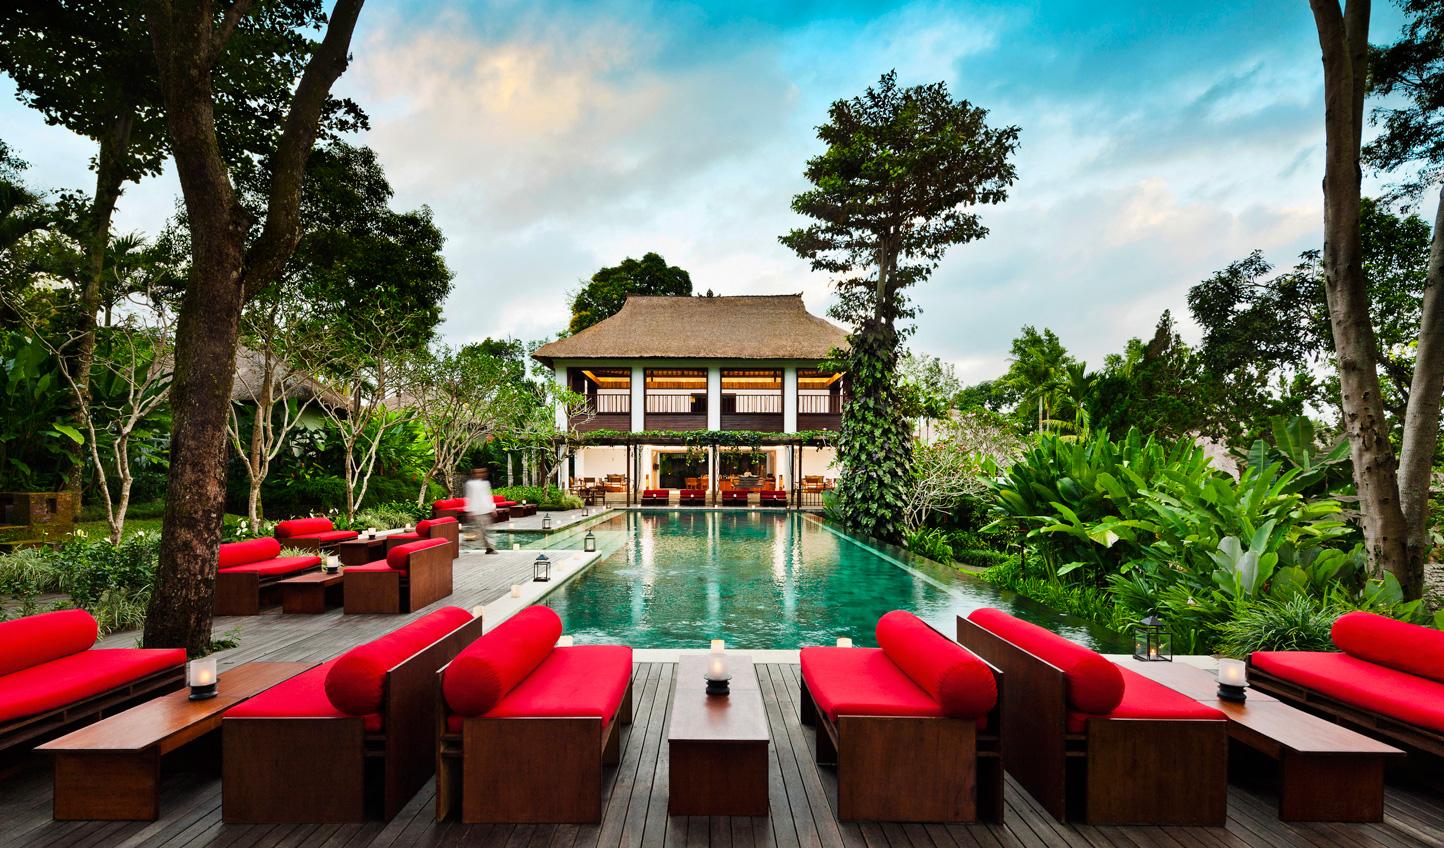 Chic and sophisticated, COMO Uma Ubud makes for a refined getaway